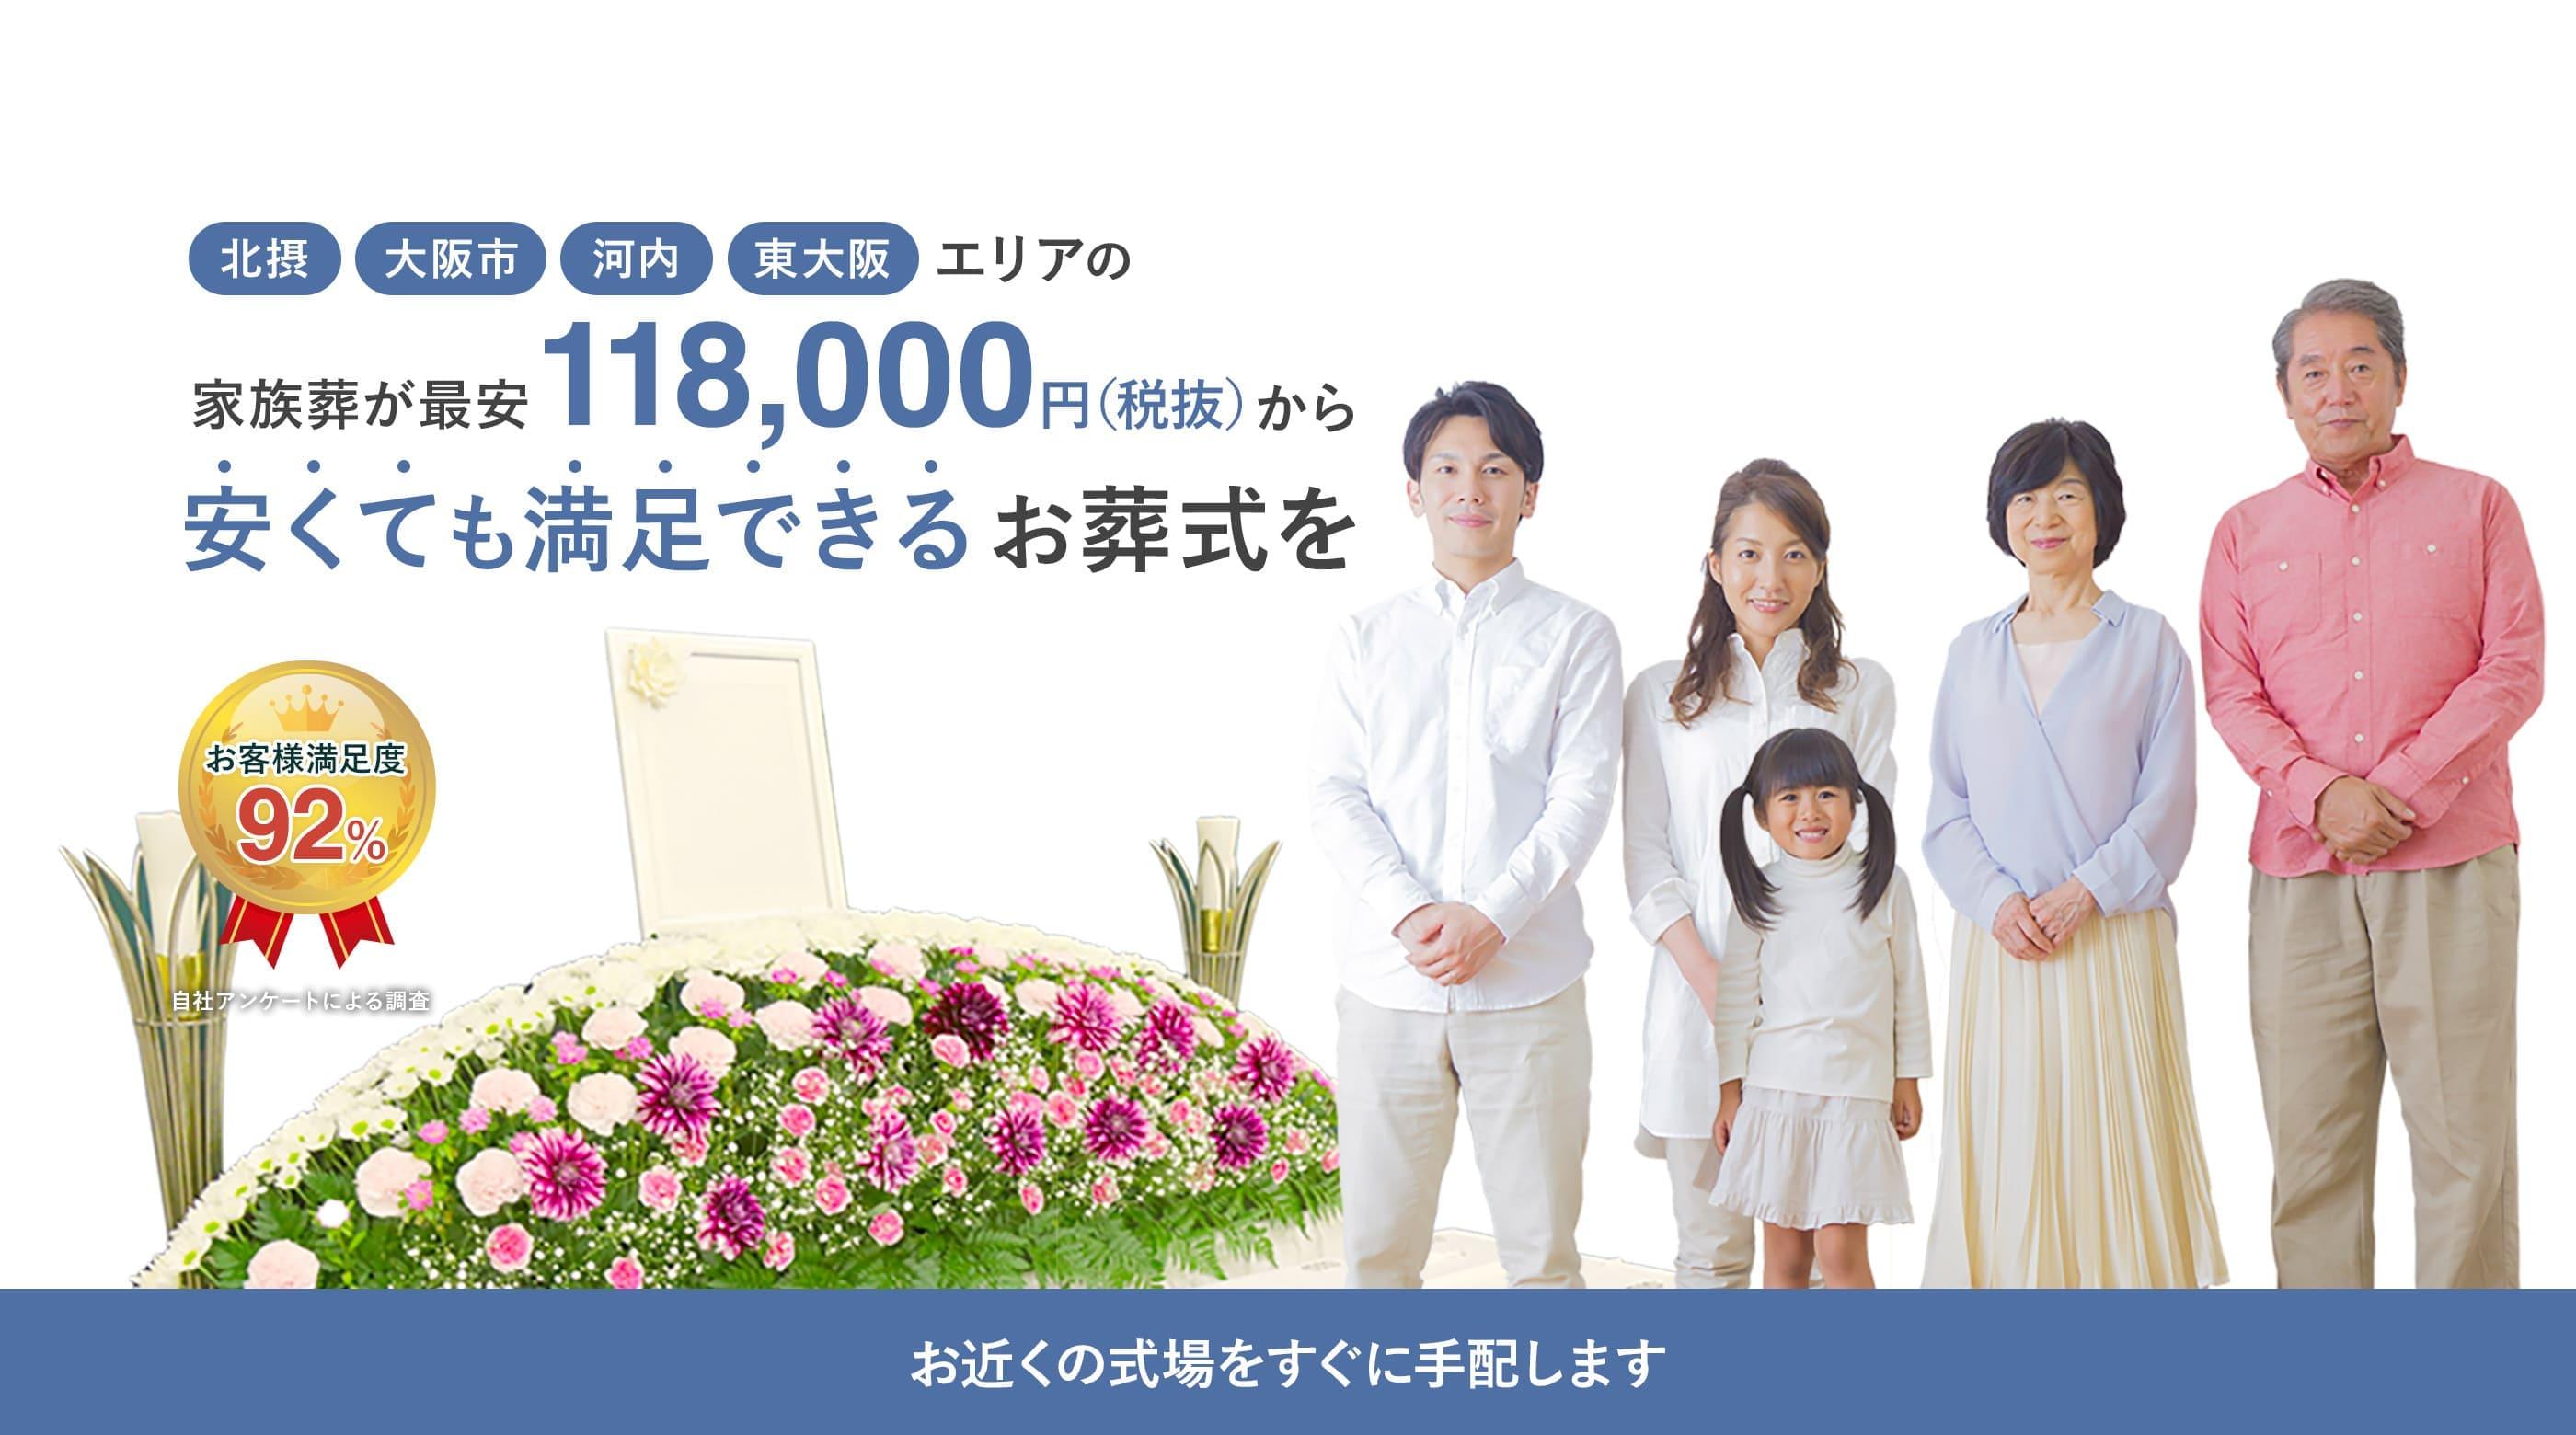 家族葬が最安14万円(税抜)から!安くても満足できるお葬式を!お客様満足度92%。お近くの式場をすぐに手配します。